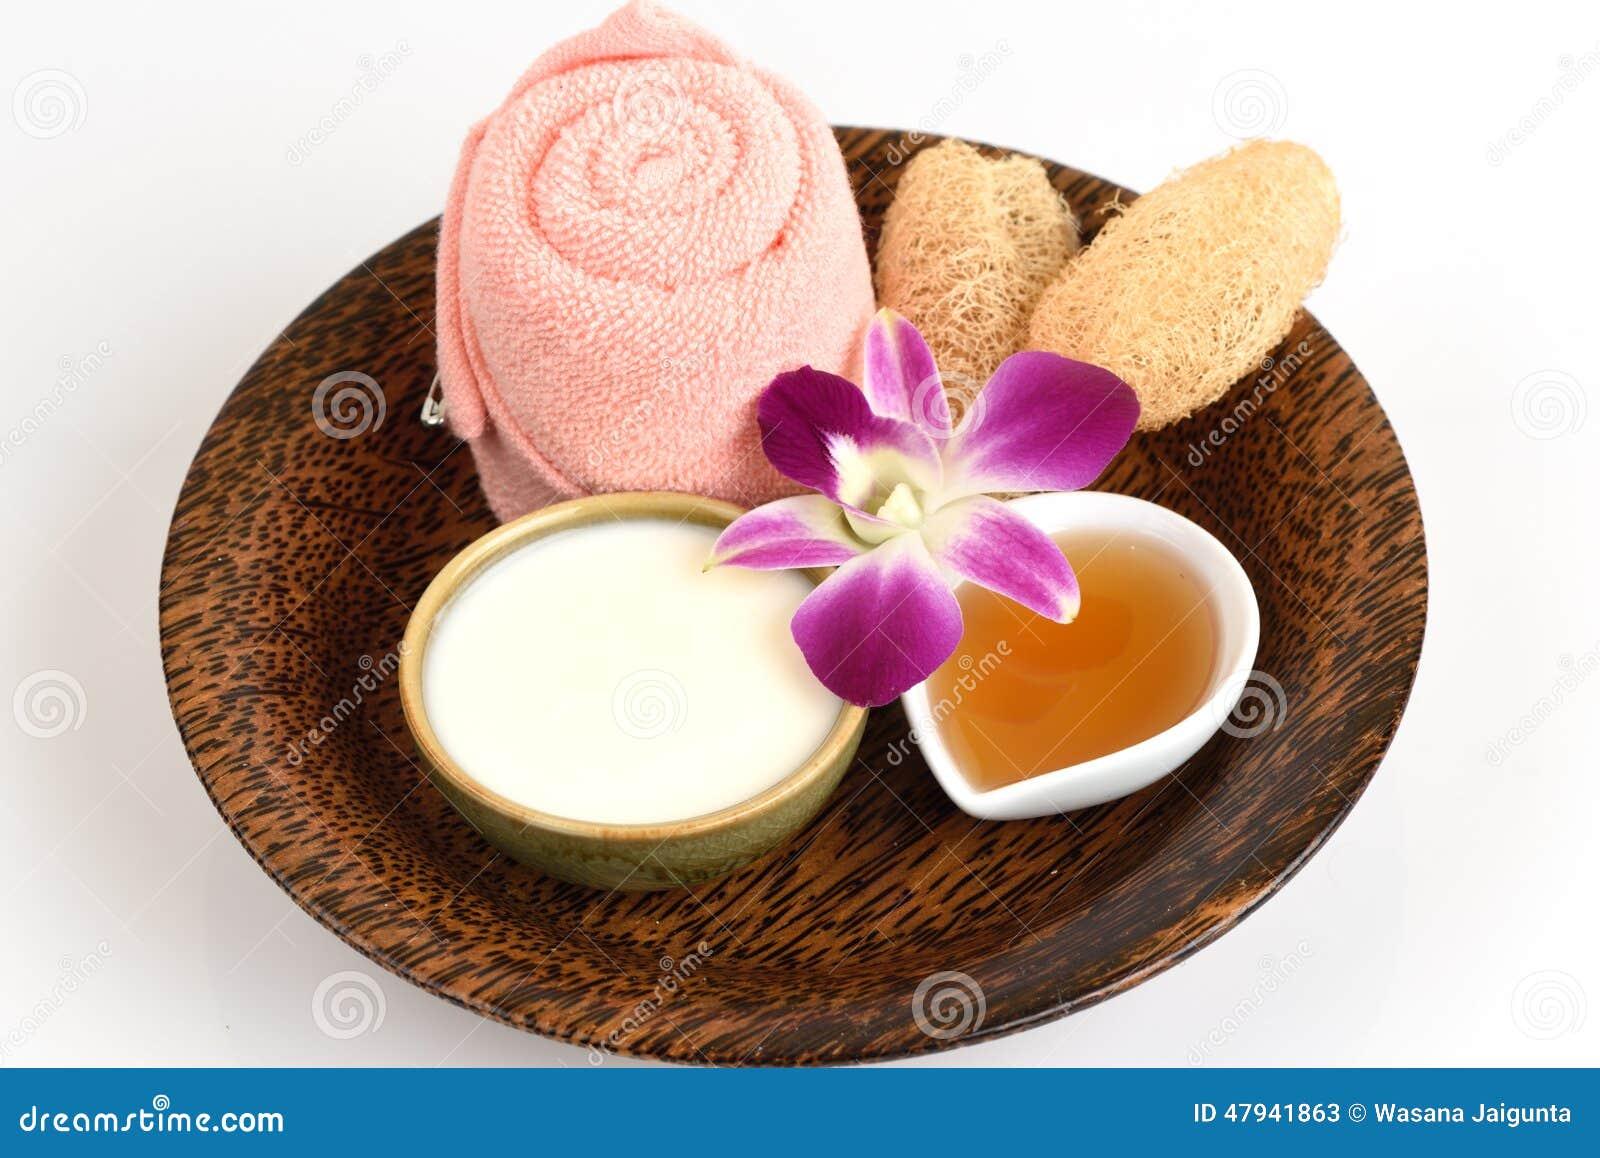 Máscara protetora com iogurte e mel